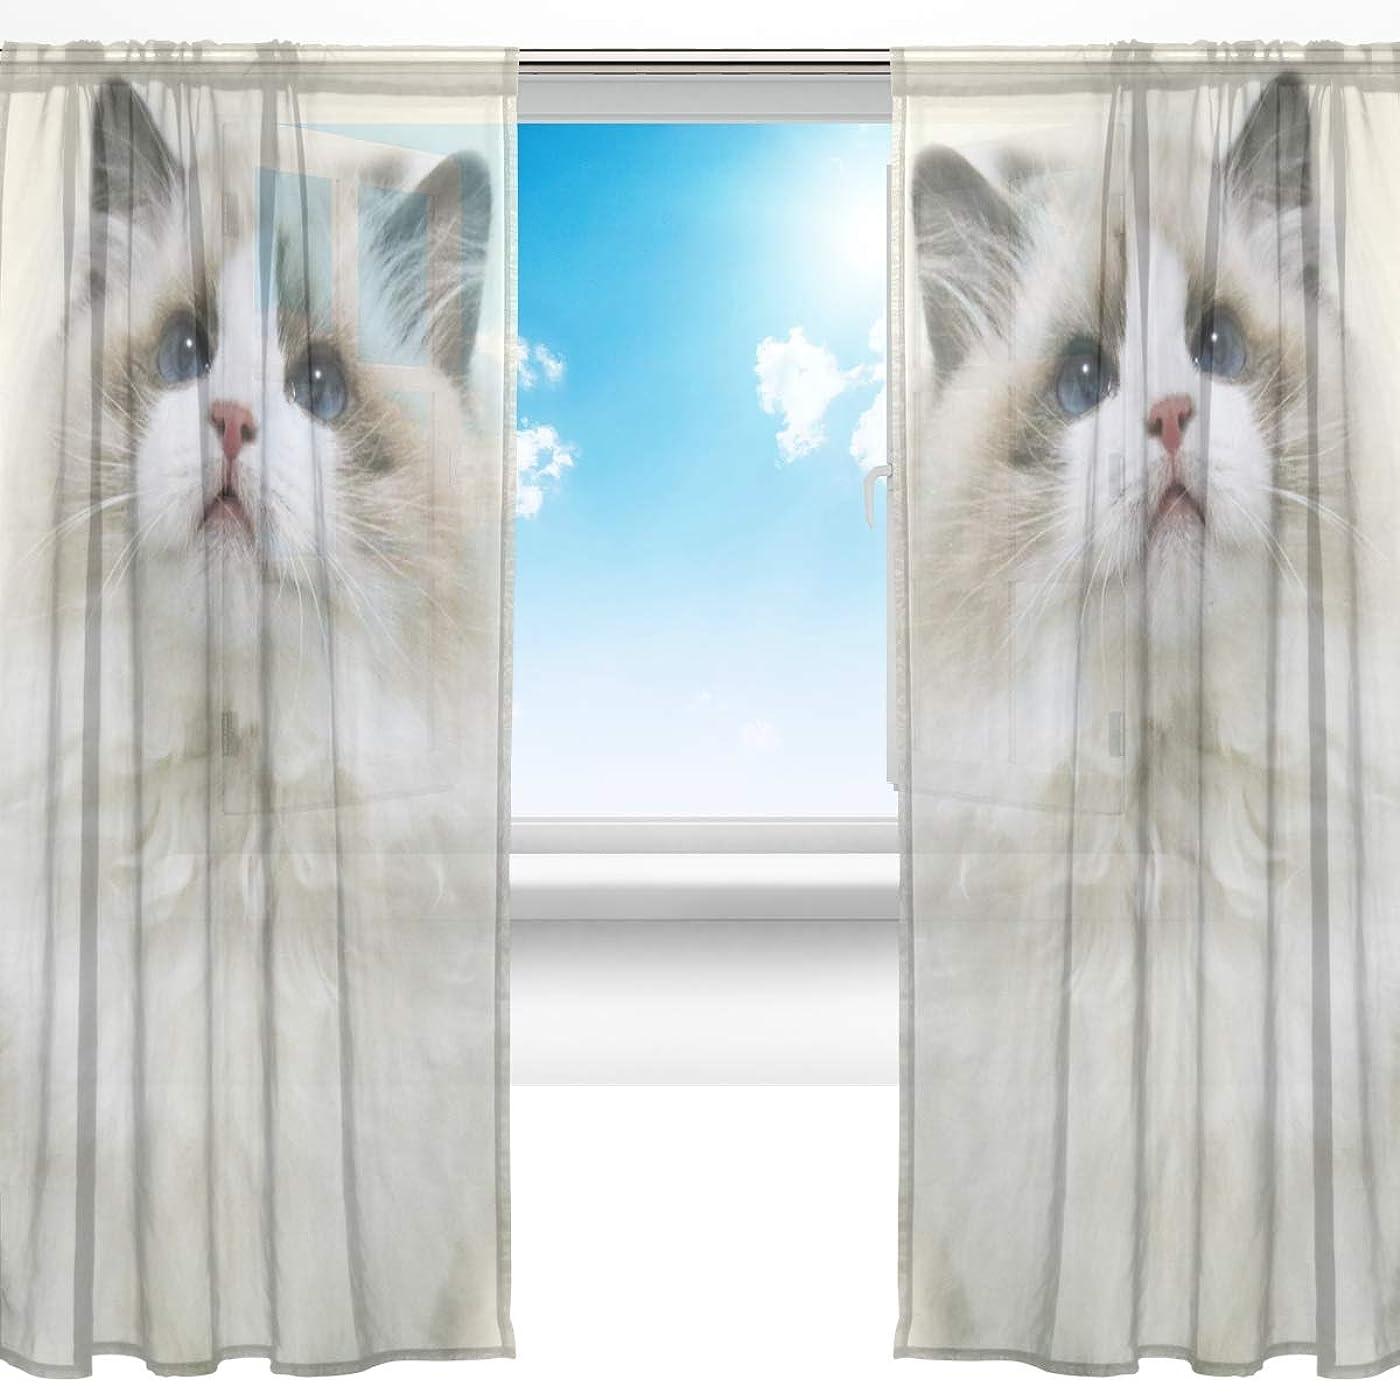 断線平等矢印SoreSore(ソレソレ)レースカーテン ミラーレースカーテン UVカット 遮光 遮熱 断熱 カーテン ドアカーテン ミラーカーテン 水彩 ネコ 猫柄 白 ホワイト アニマル 動物柄 目隠し おしゃれ かわいい 幅140CMx200CM 2枚組